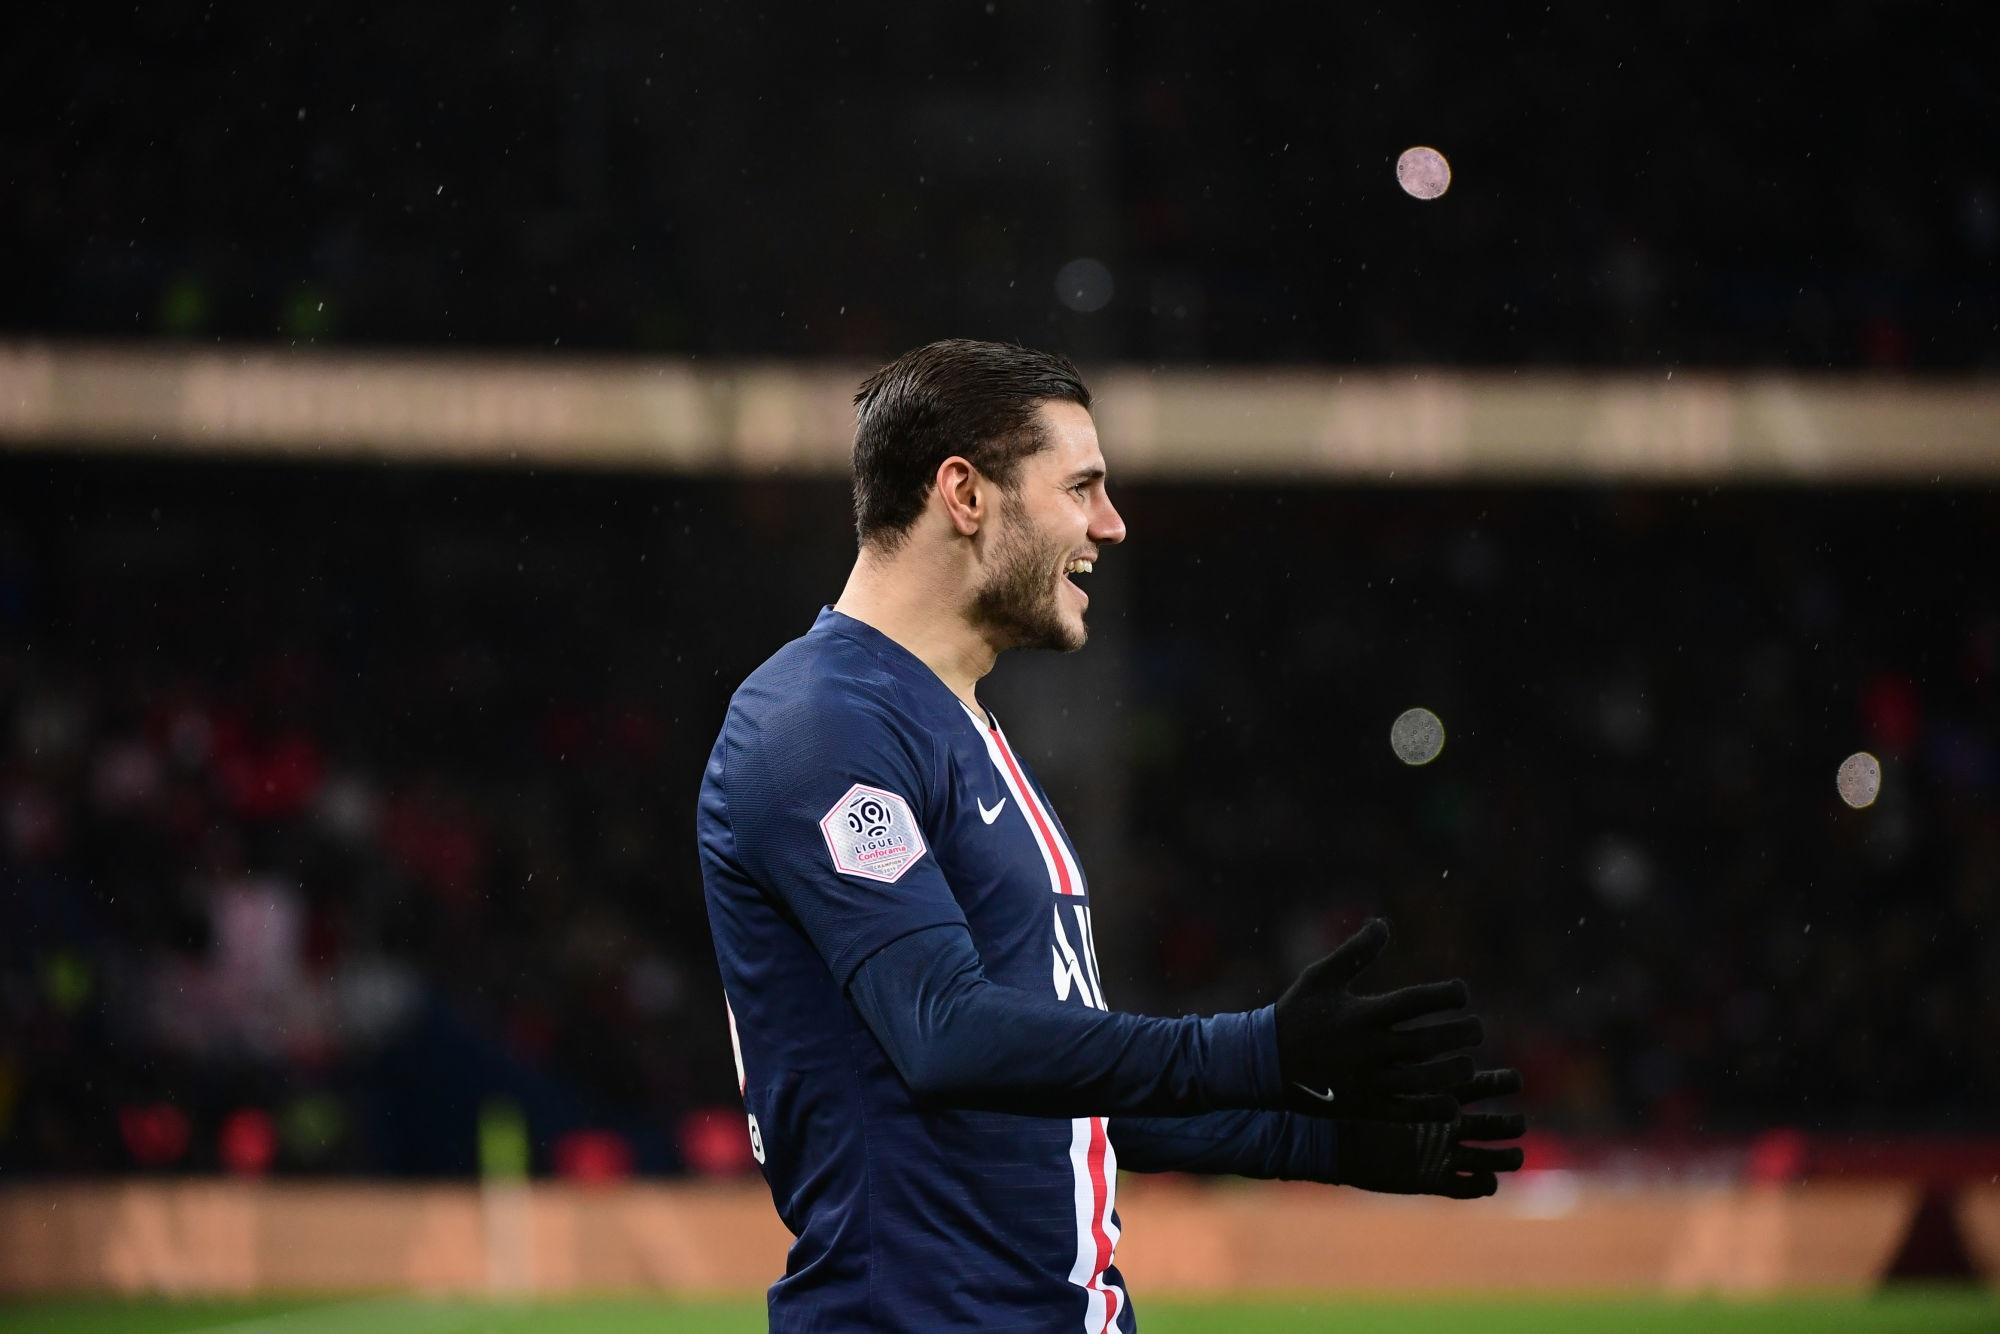 """Mercato - Le transfert d'Icardi au PSG est réglé, annonce """"à venir"""" assure Schira"""